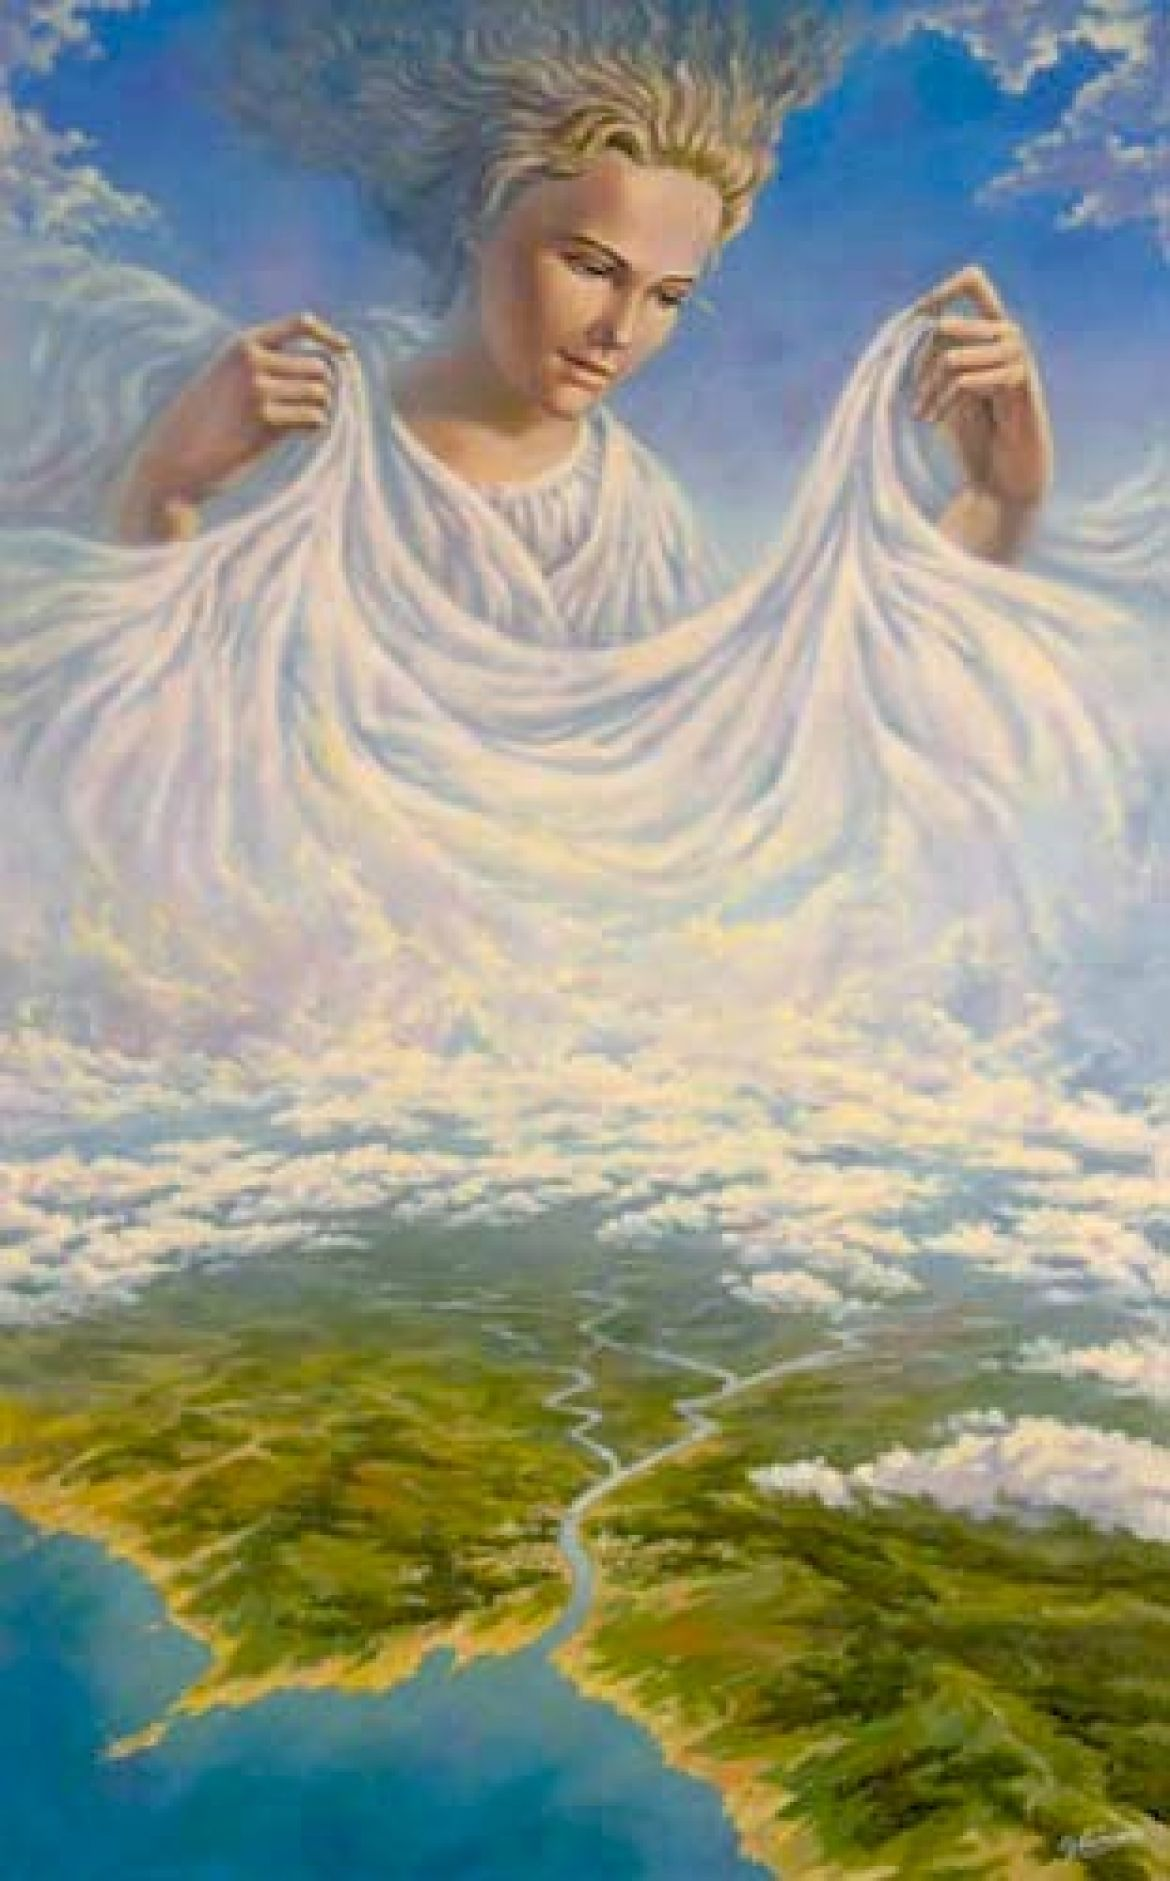 Богиня Мать Всего Сущего о себе